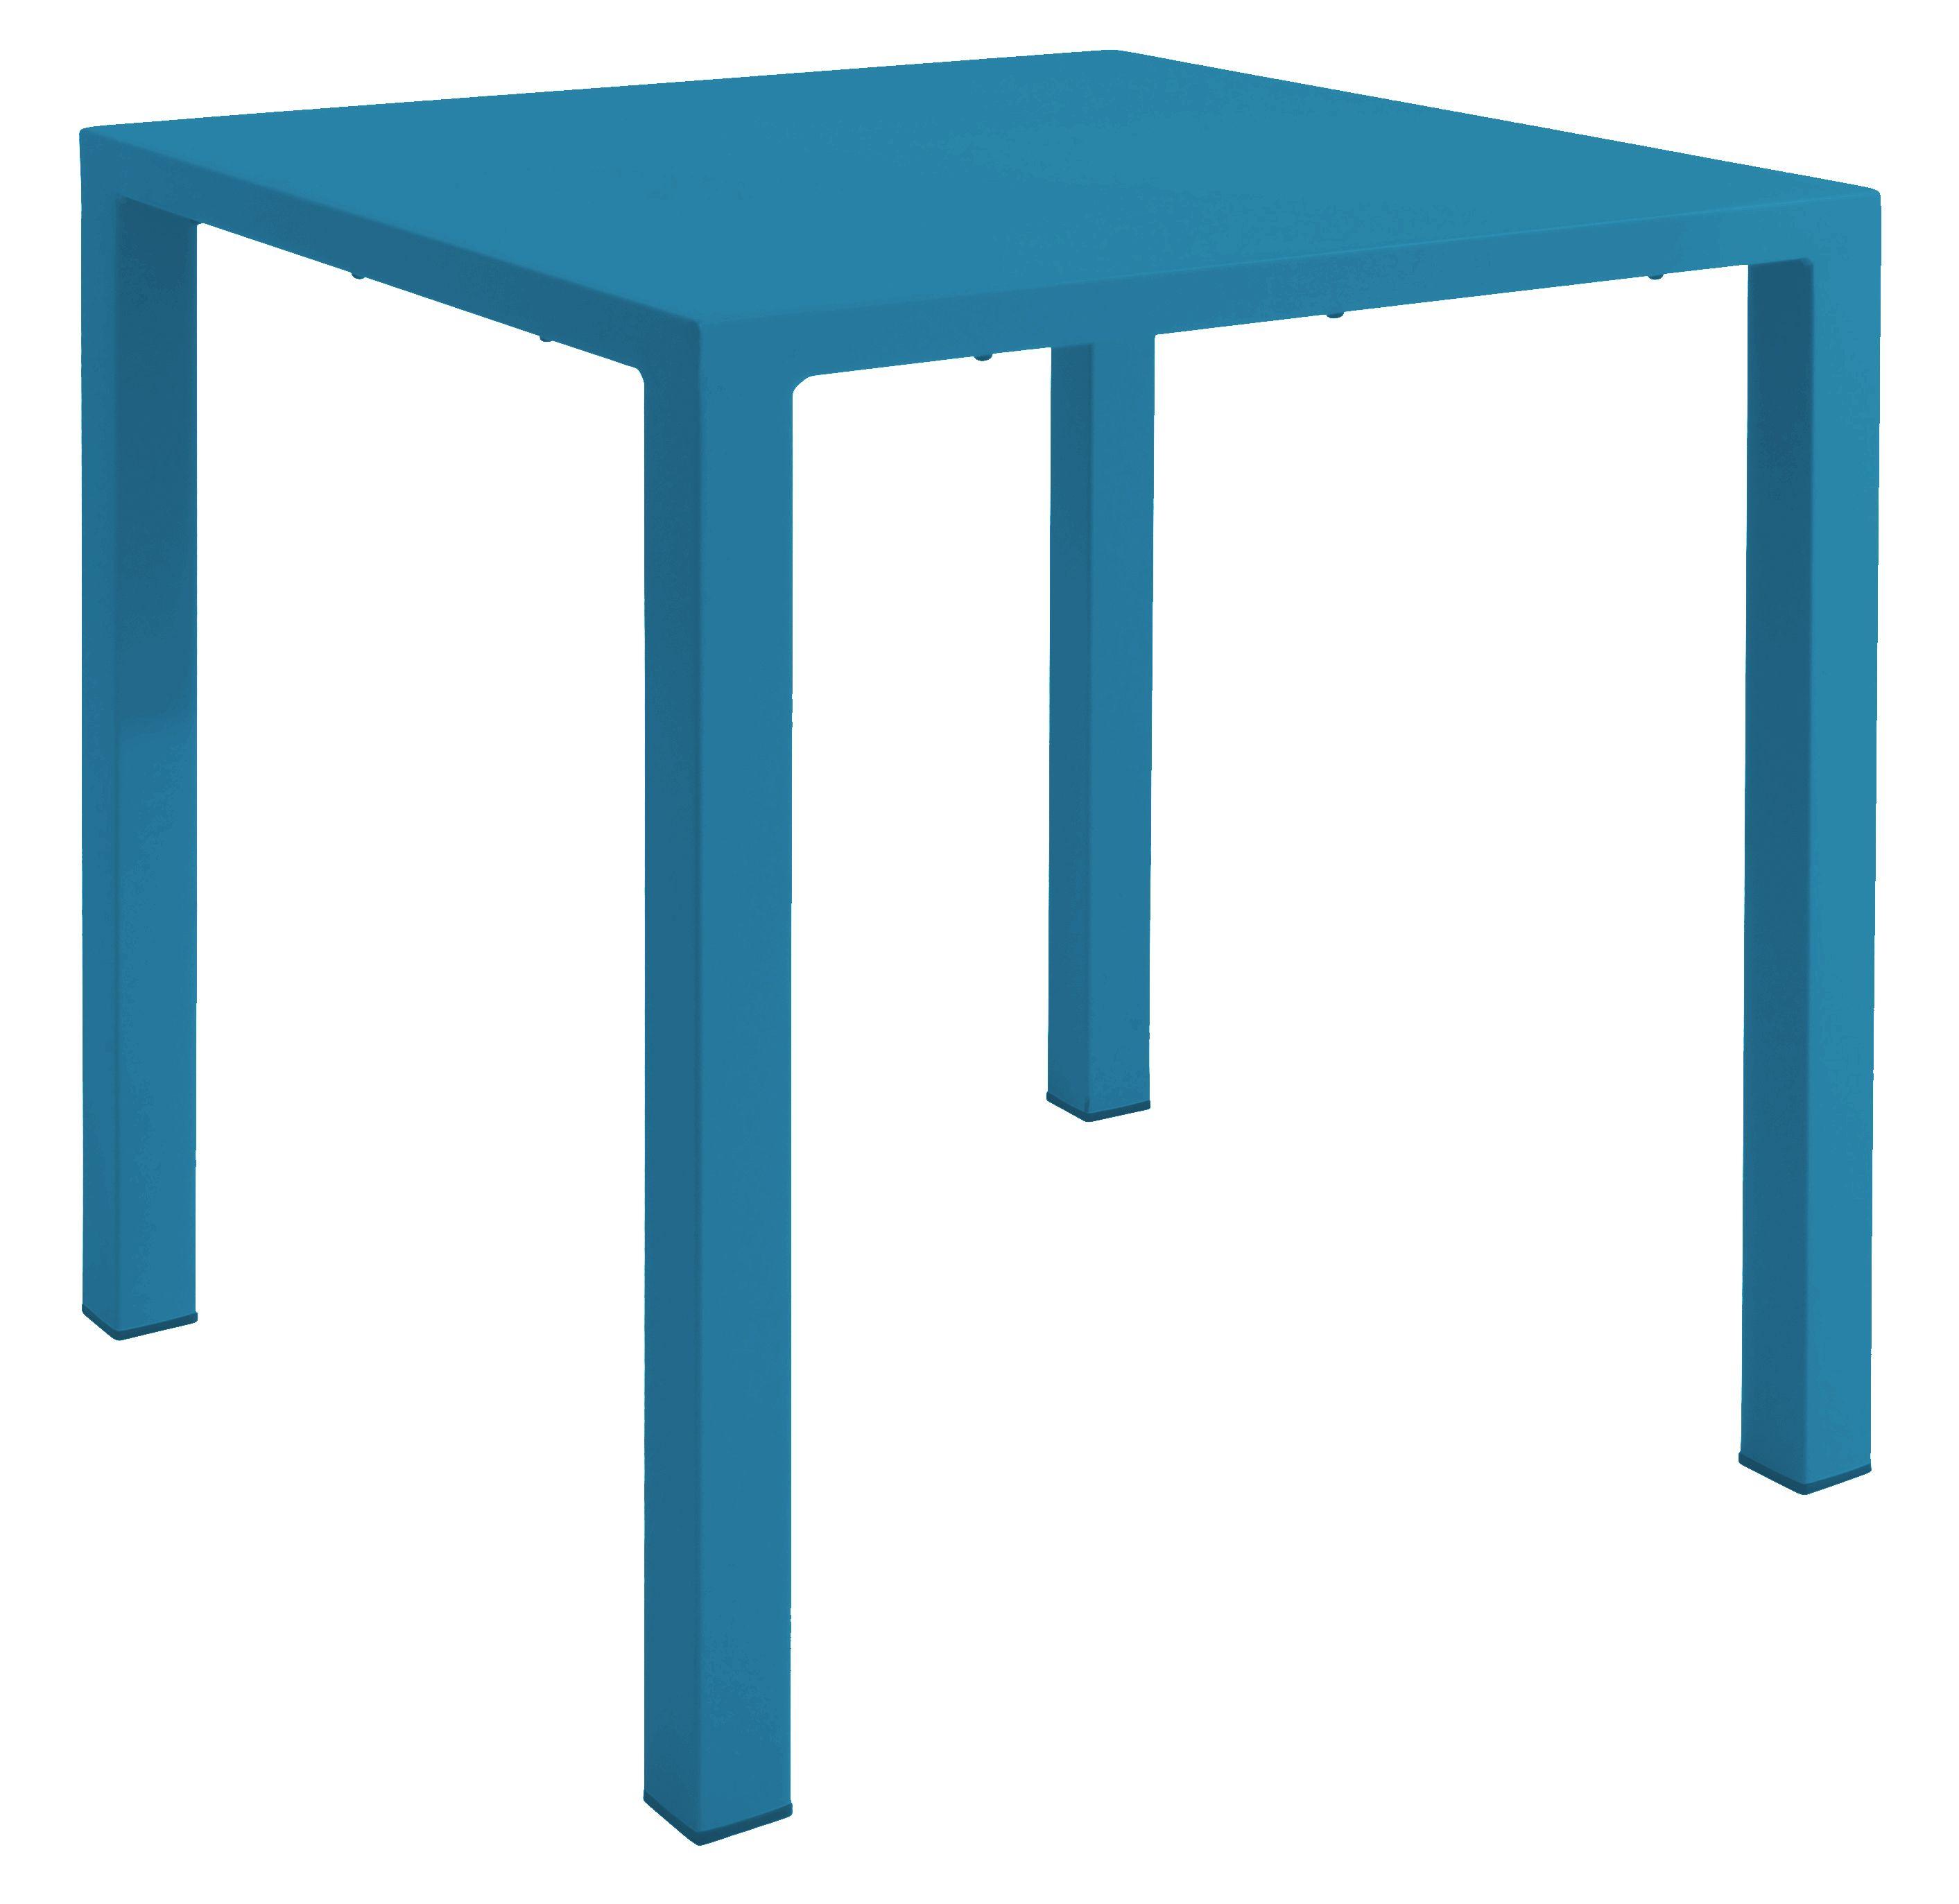 Emu Nova tuintafel 80×80 blauw